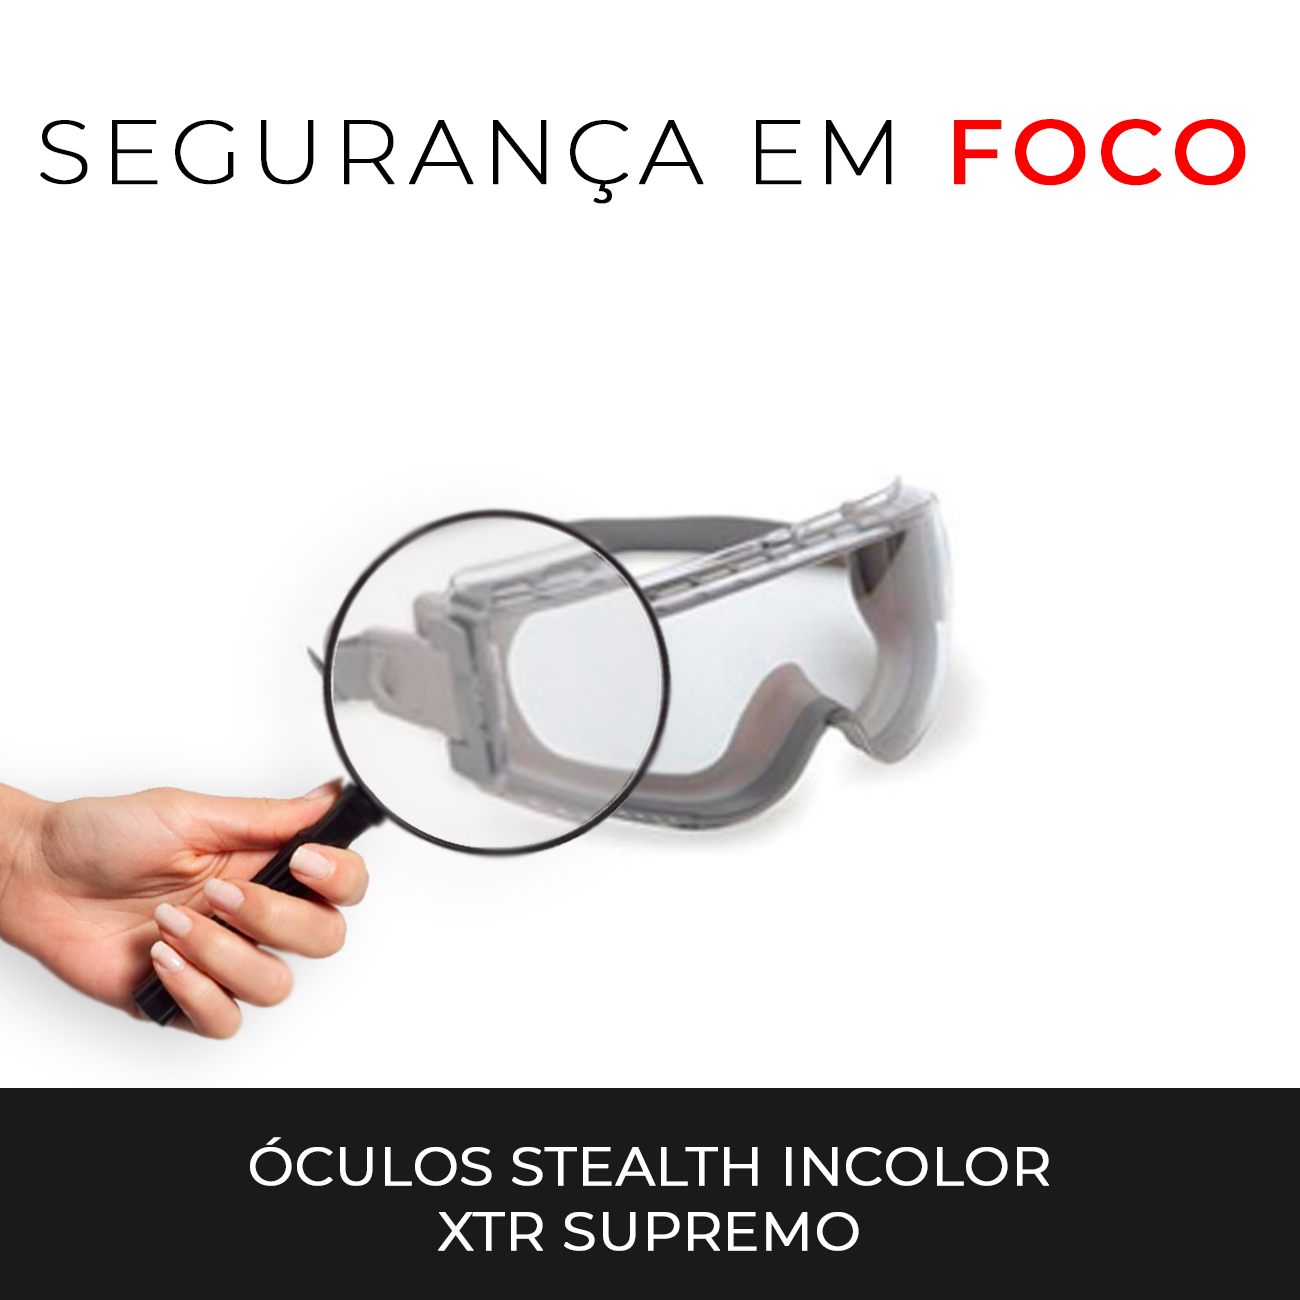 eadfbd7d3d8ee Segurança em Foco  Óculos Stealth Incolor XTR Supremo — Casa do EPI